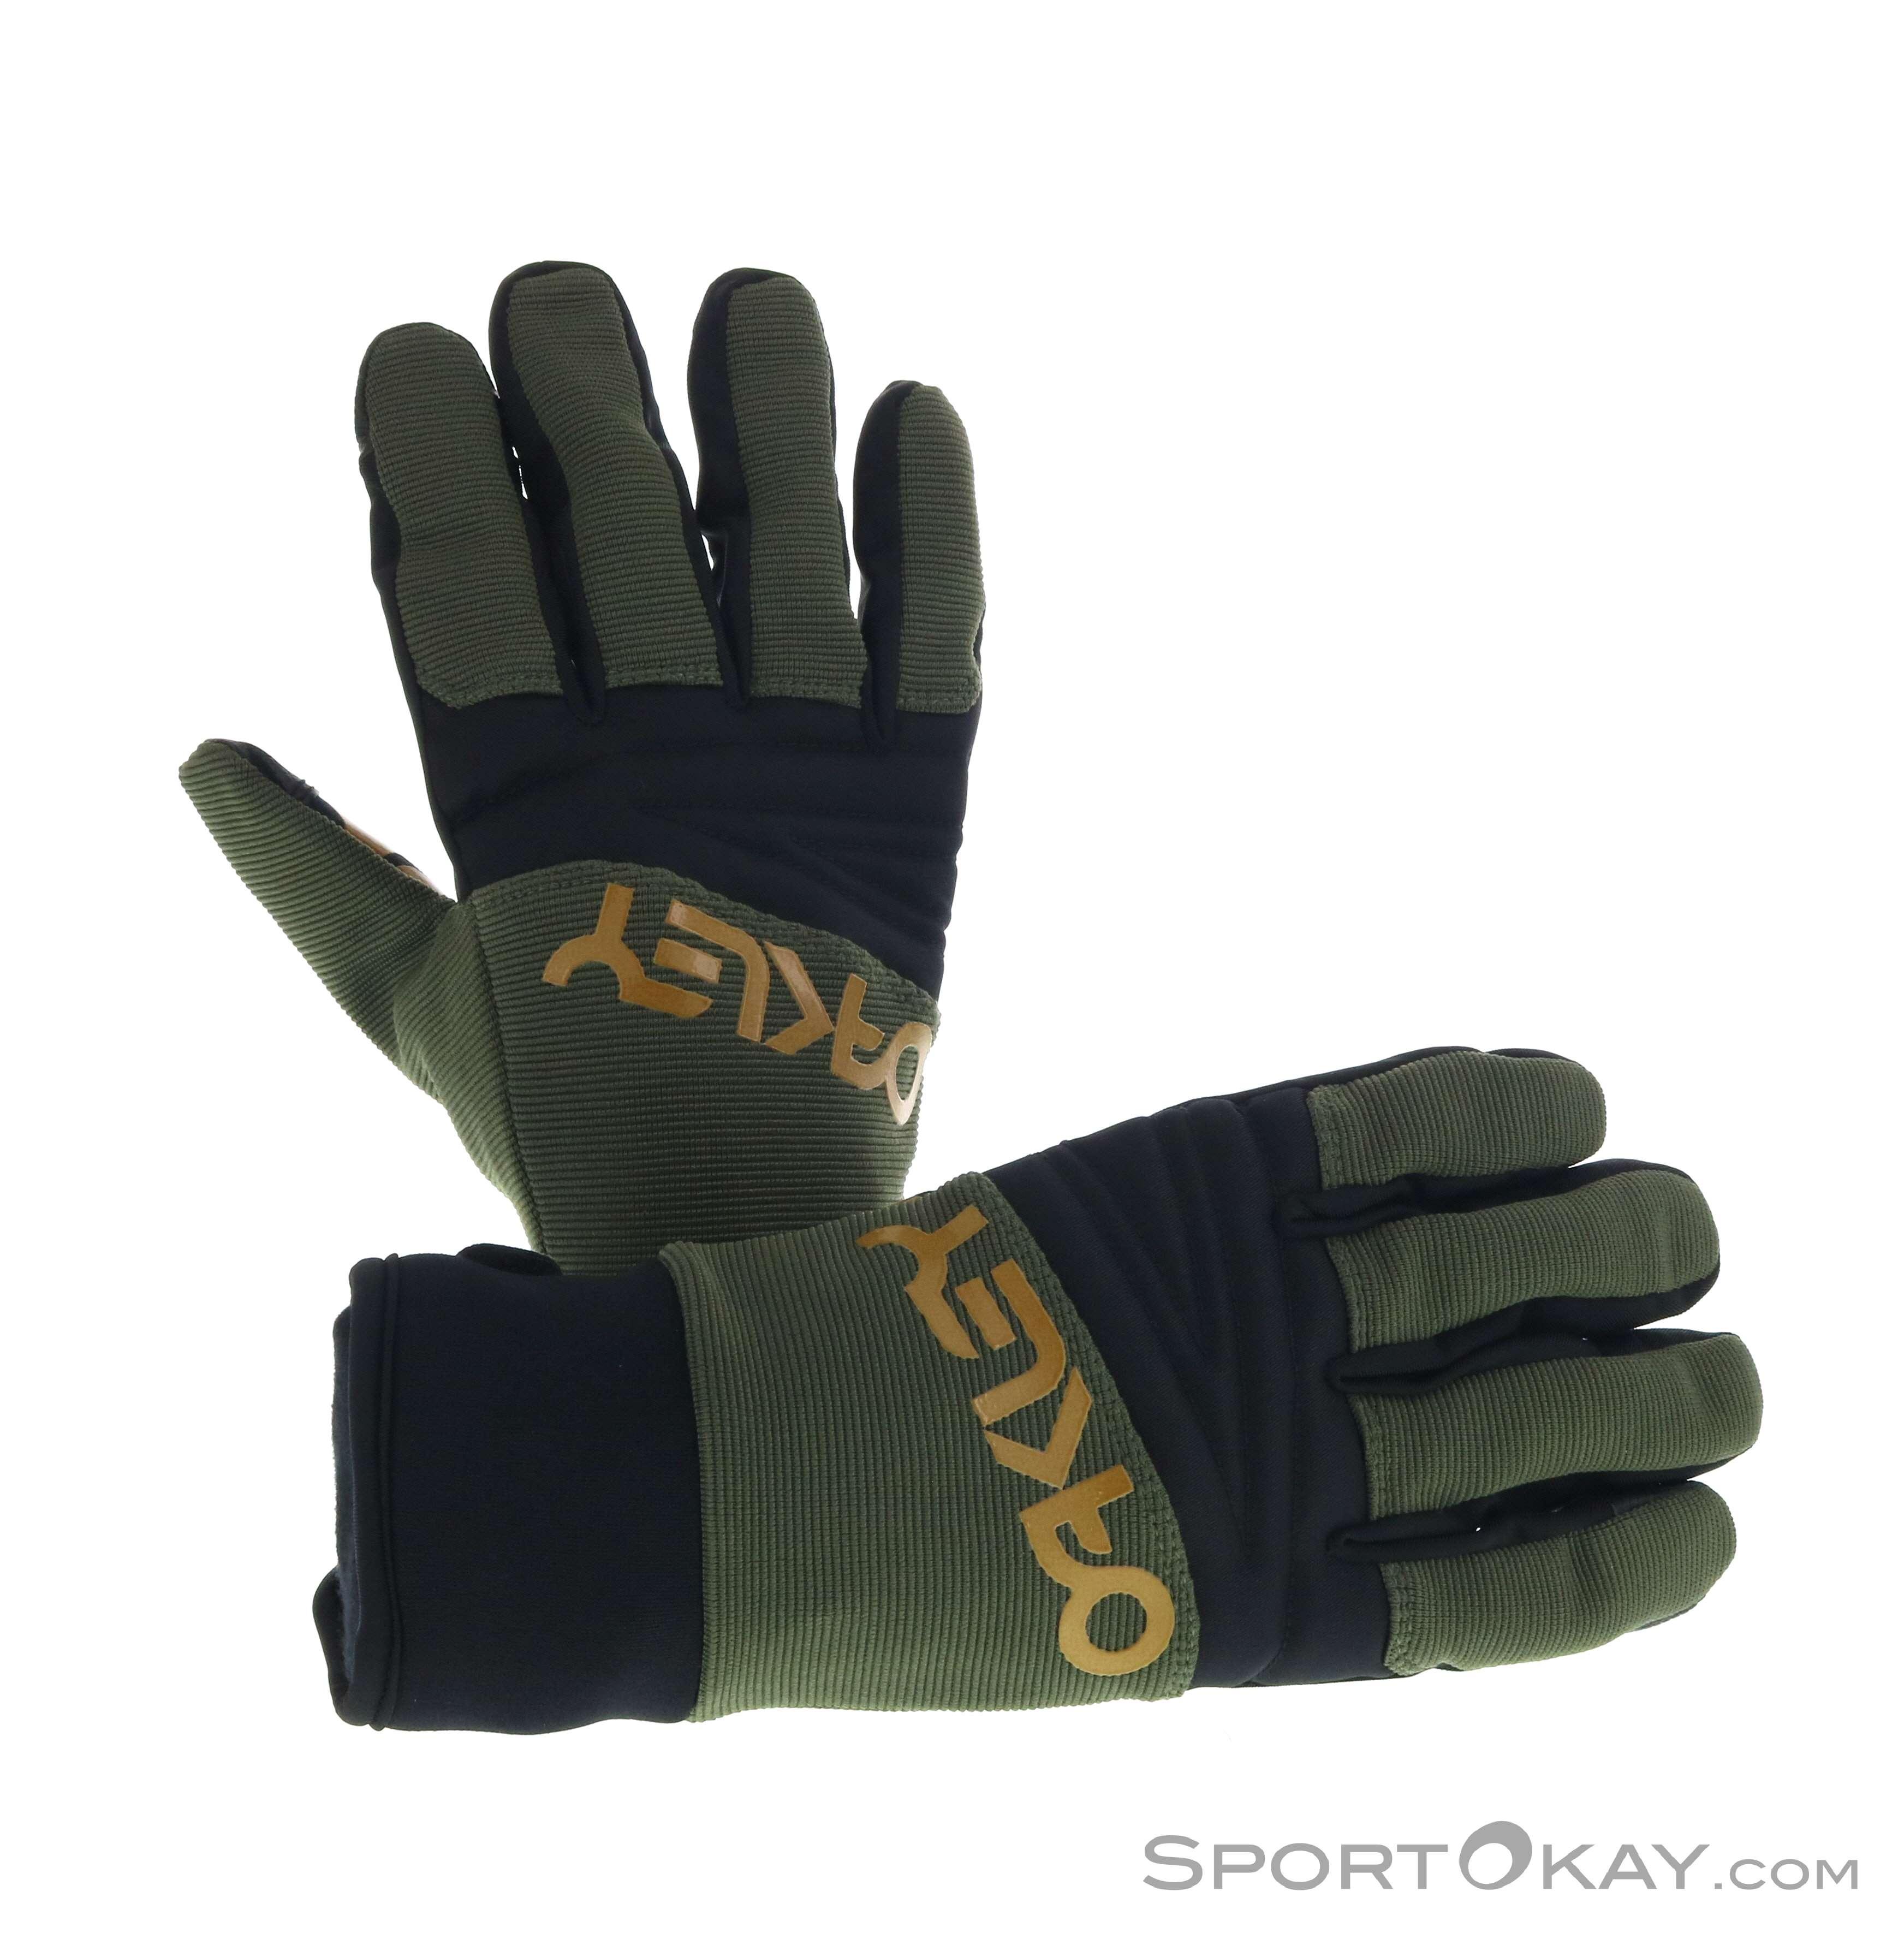 Oakley Factory Park Glove Handschuhe-Oliv-Dunkelgrün-L